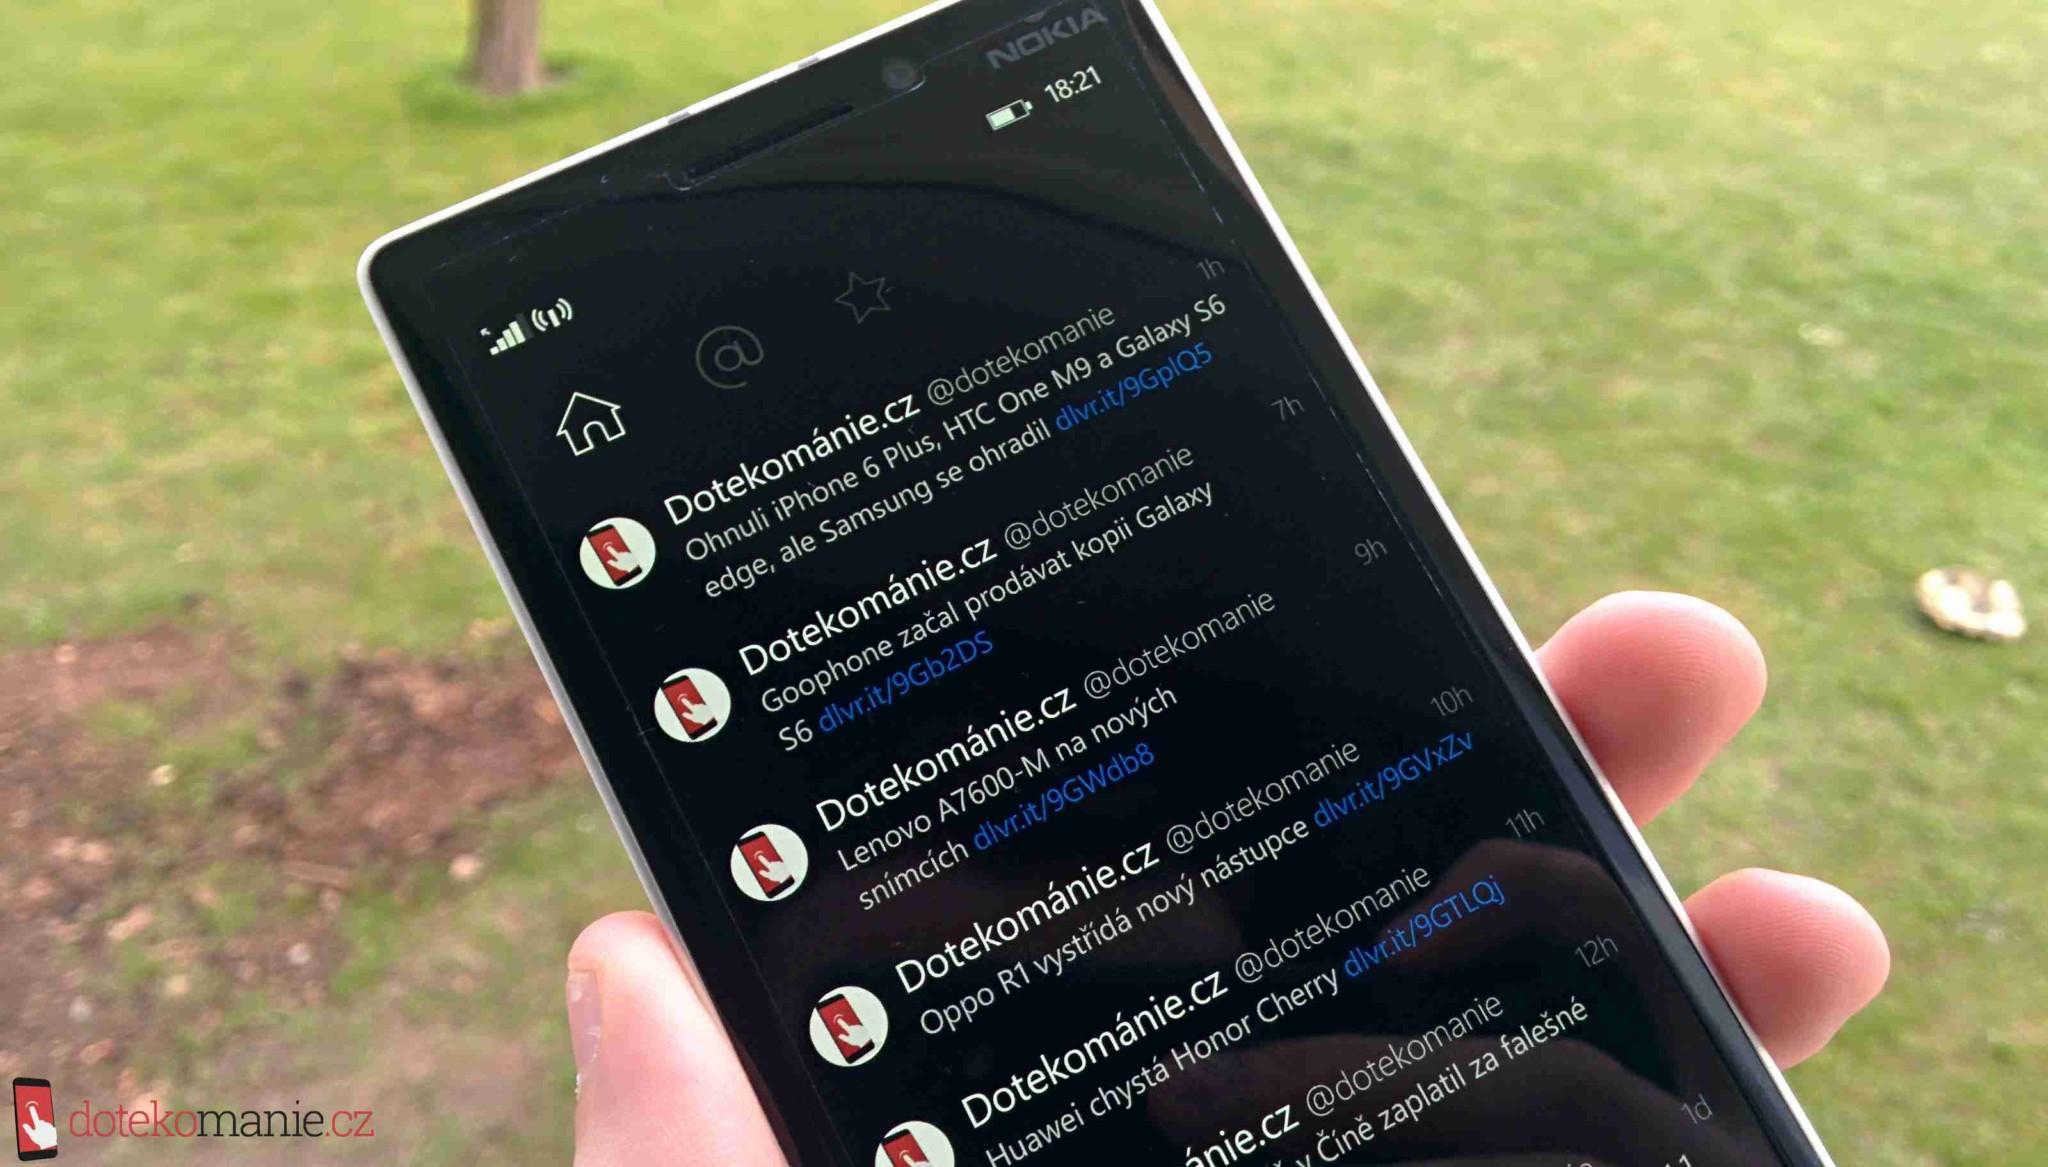 Za skvělý Twitter klient Aeries pro Windows Phone nyní dáte jen 50 Kč